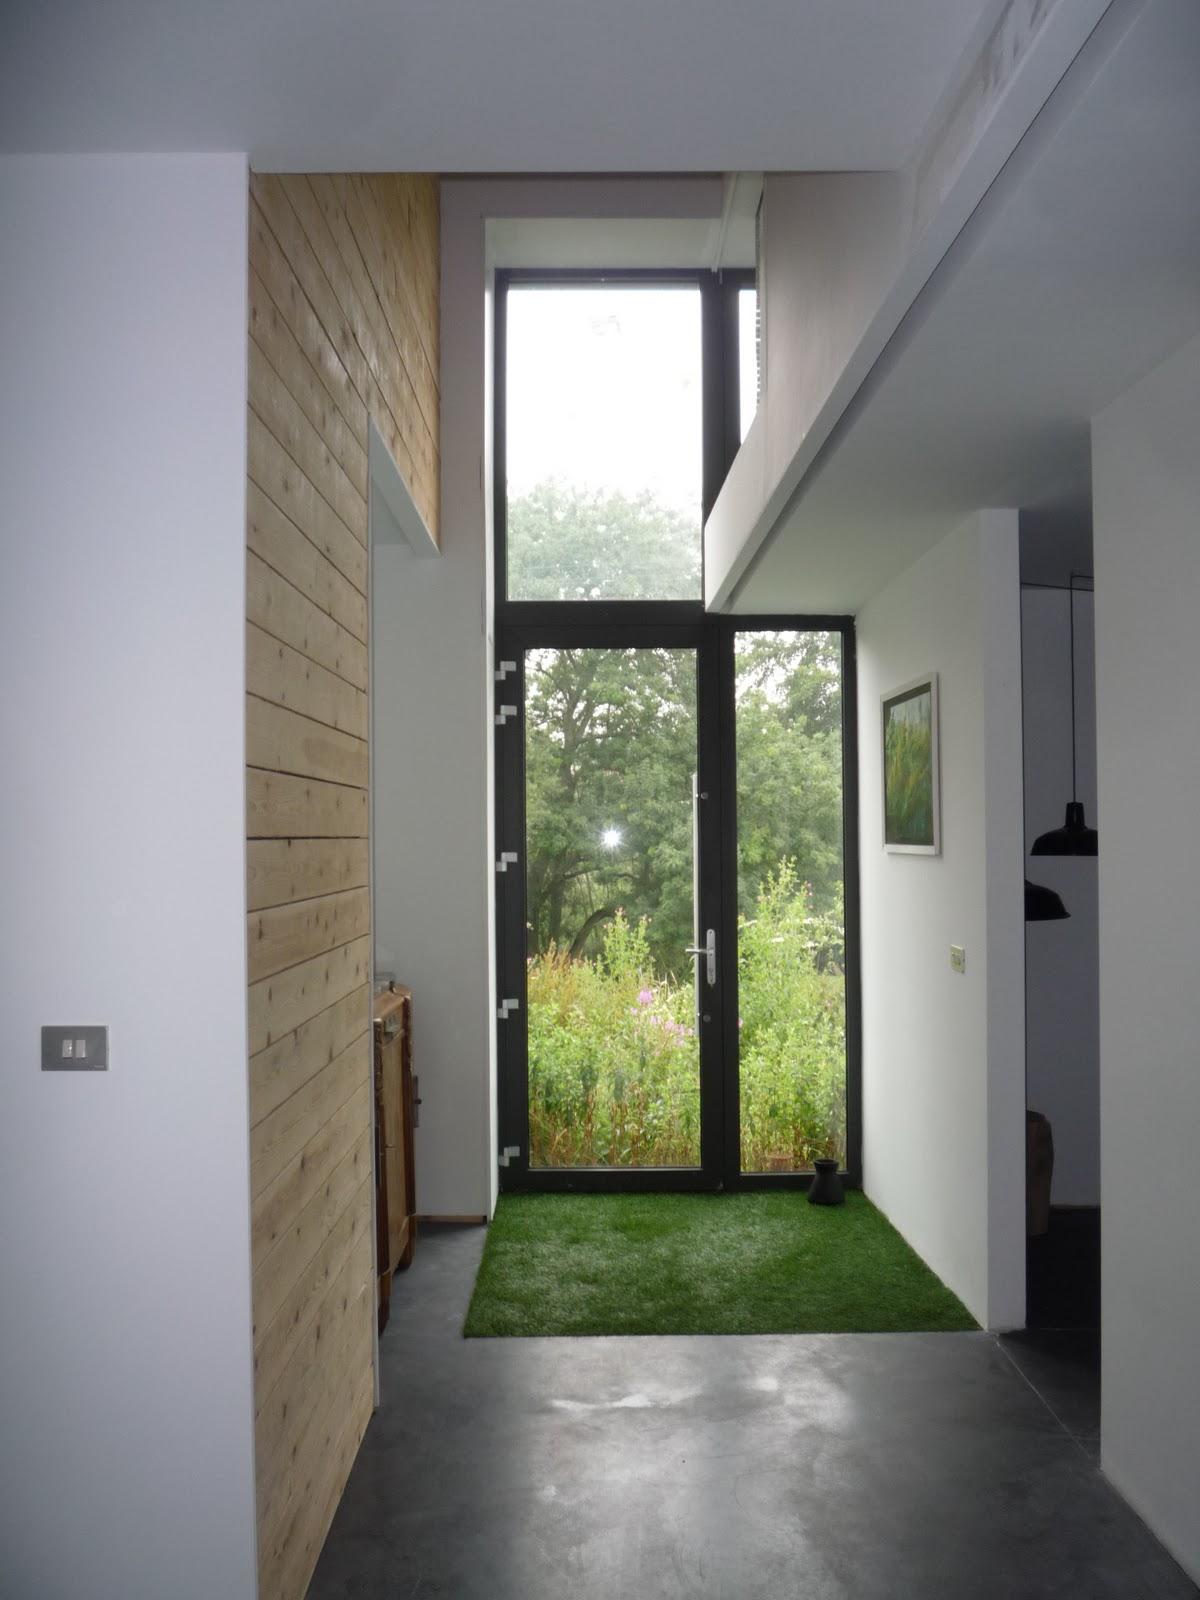 boris mabille architecte transformation d 39 une grange en habitation berz e. Black Bedroom Furniture Sets. Home Design Ideas